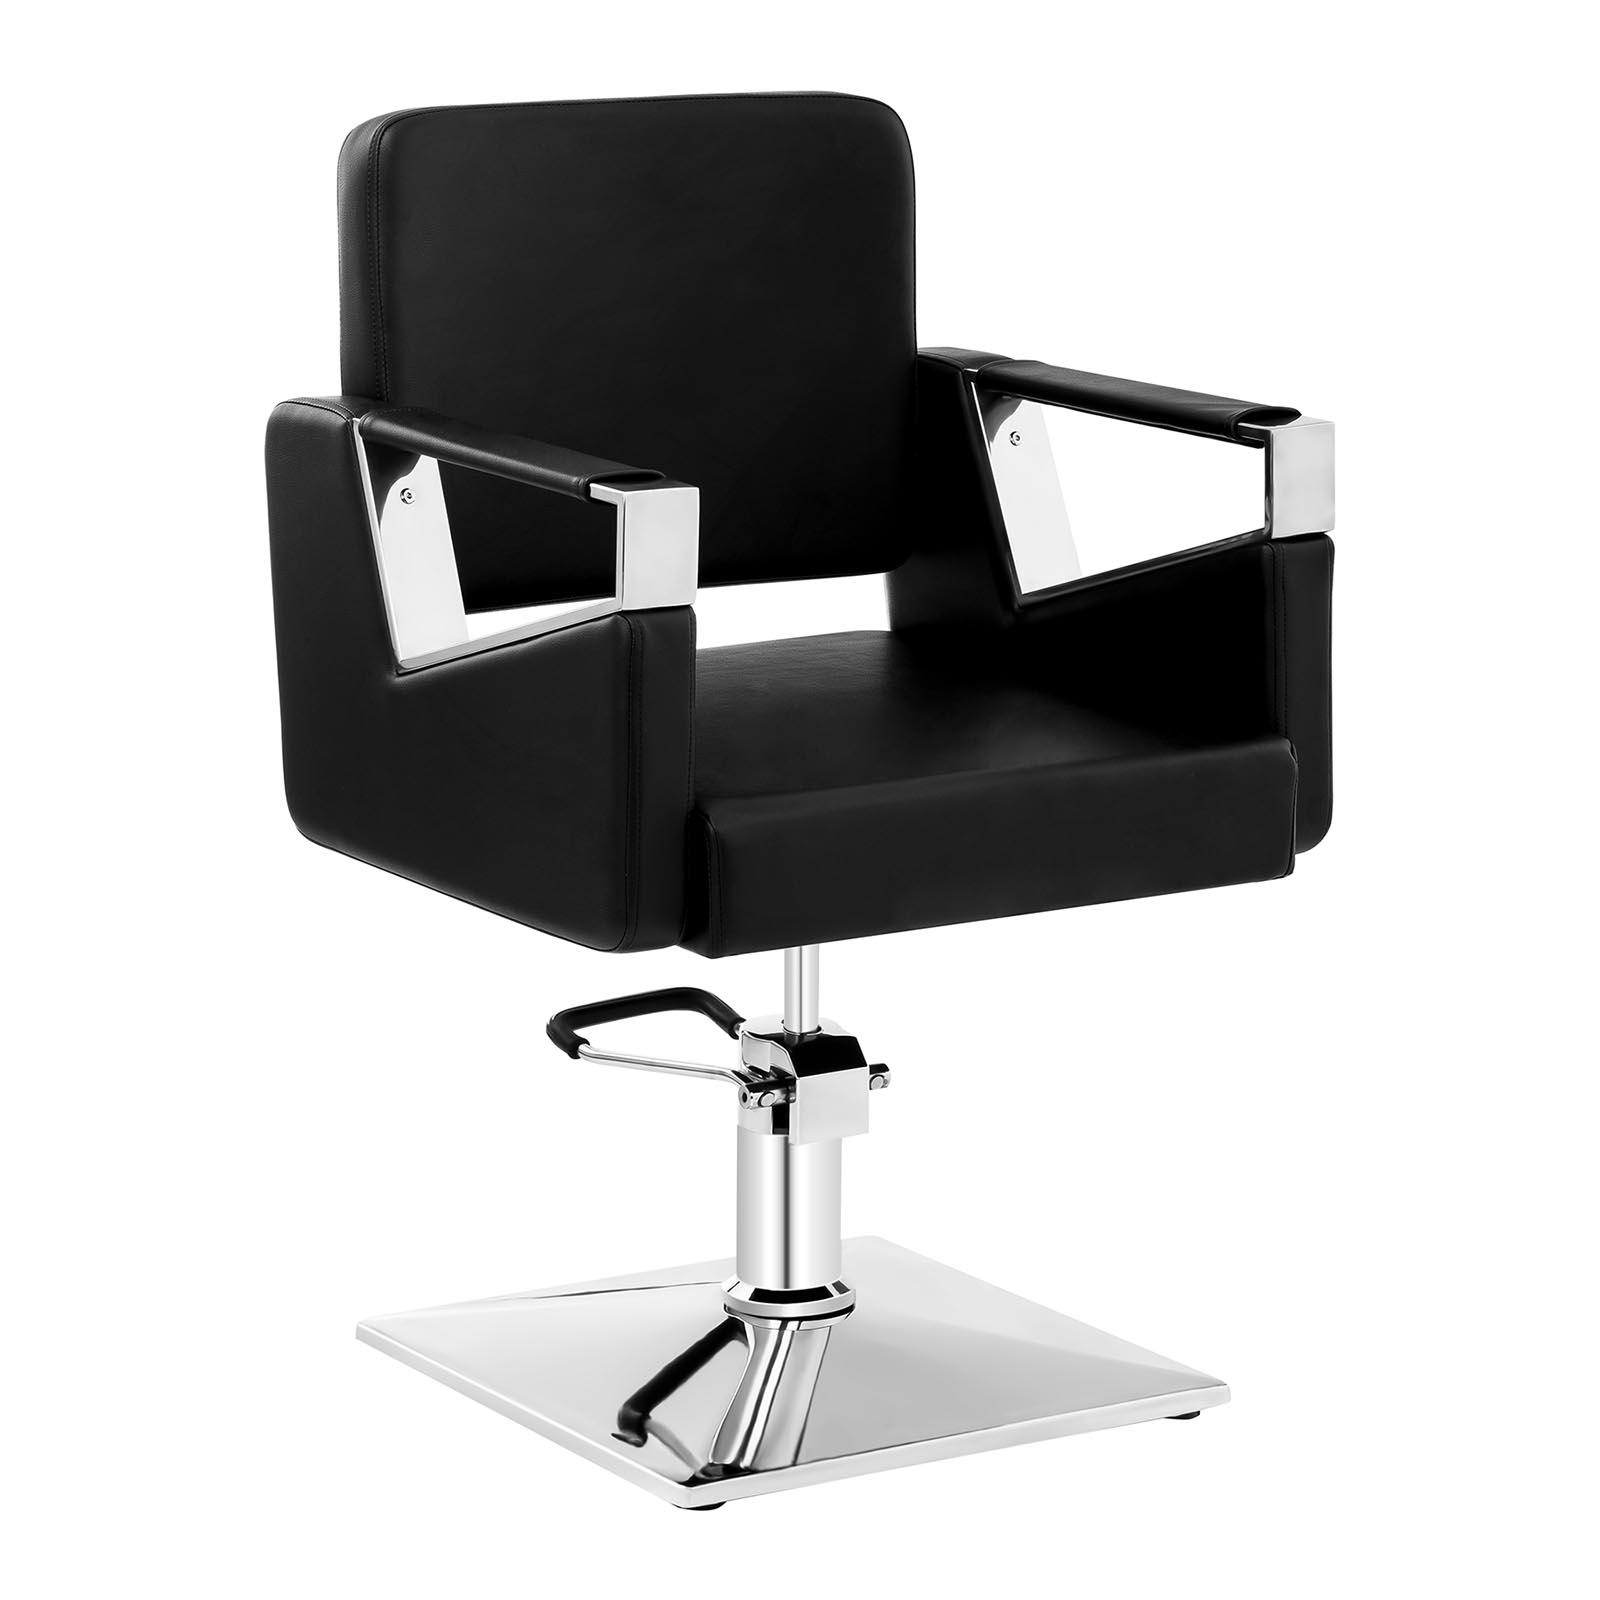 Fotel fryzjerski Bristol - czarny - 200 kg